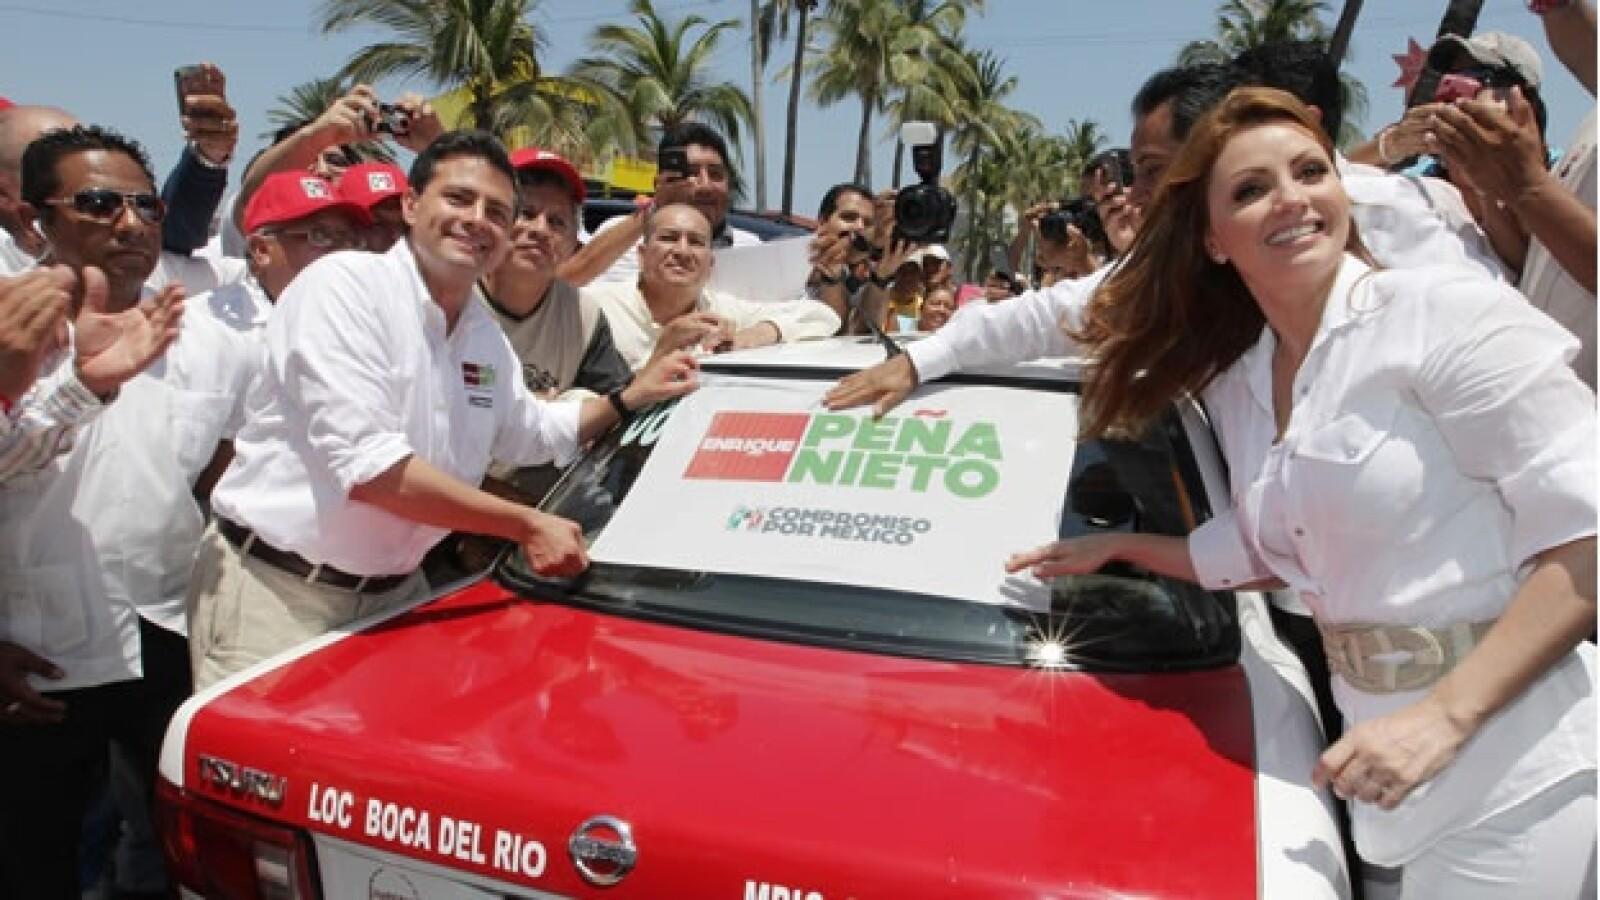 El candidato Enrique Peña Nieto y su esposa visitaron veracruz